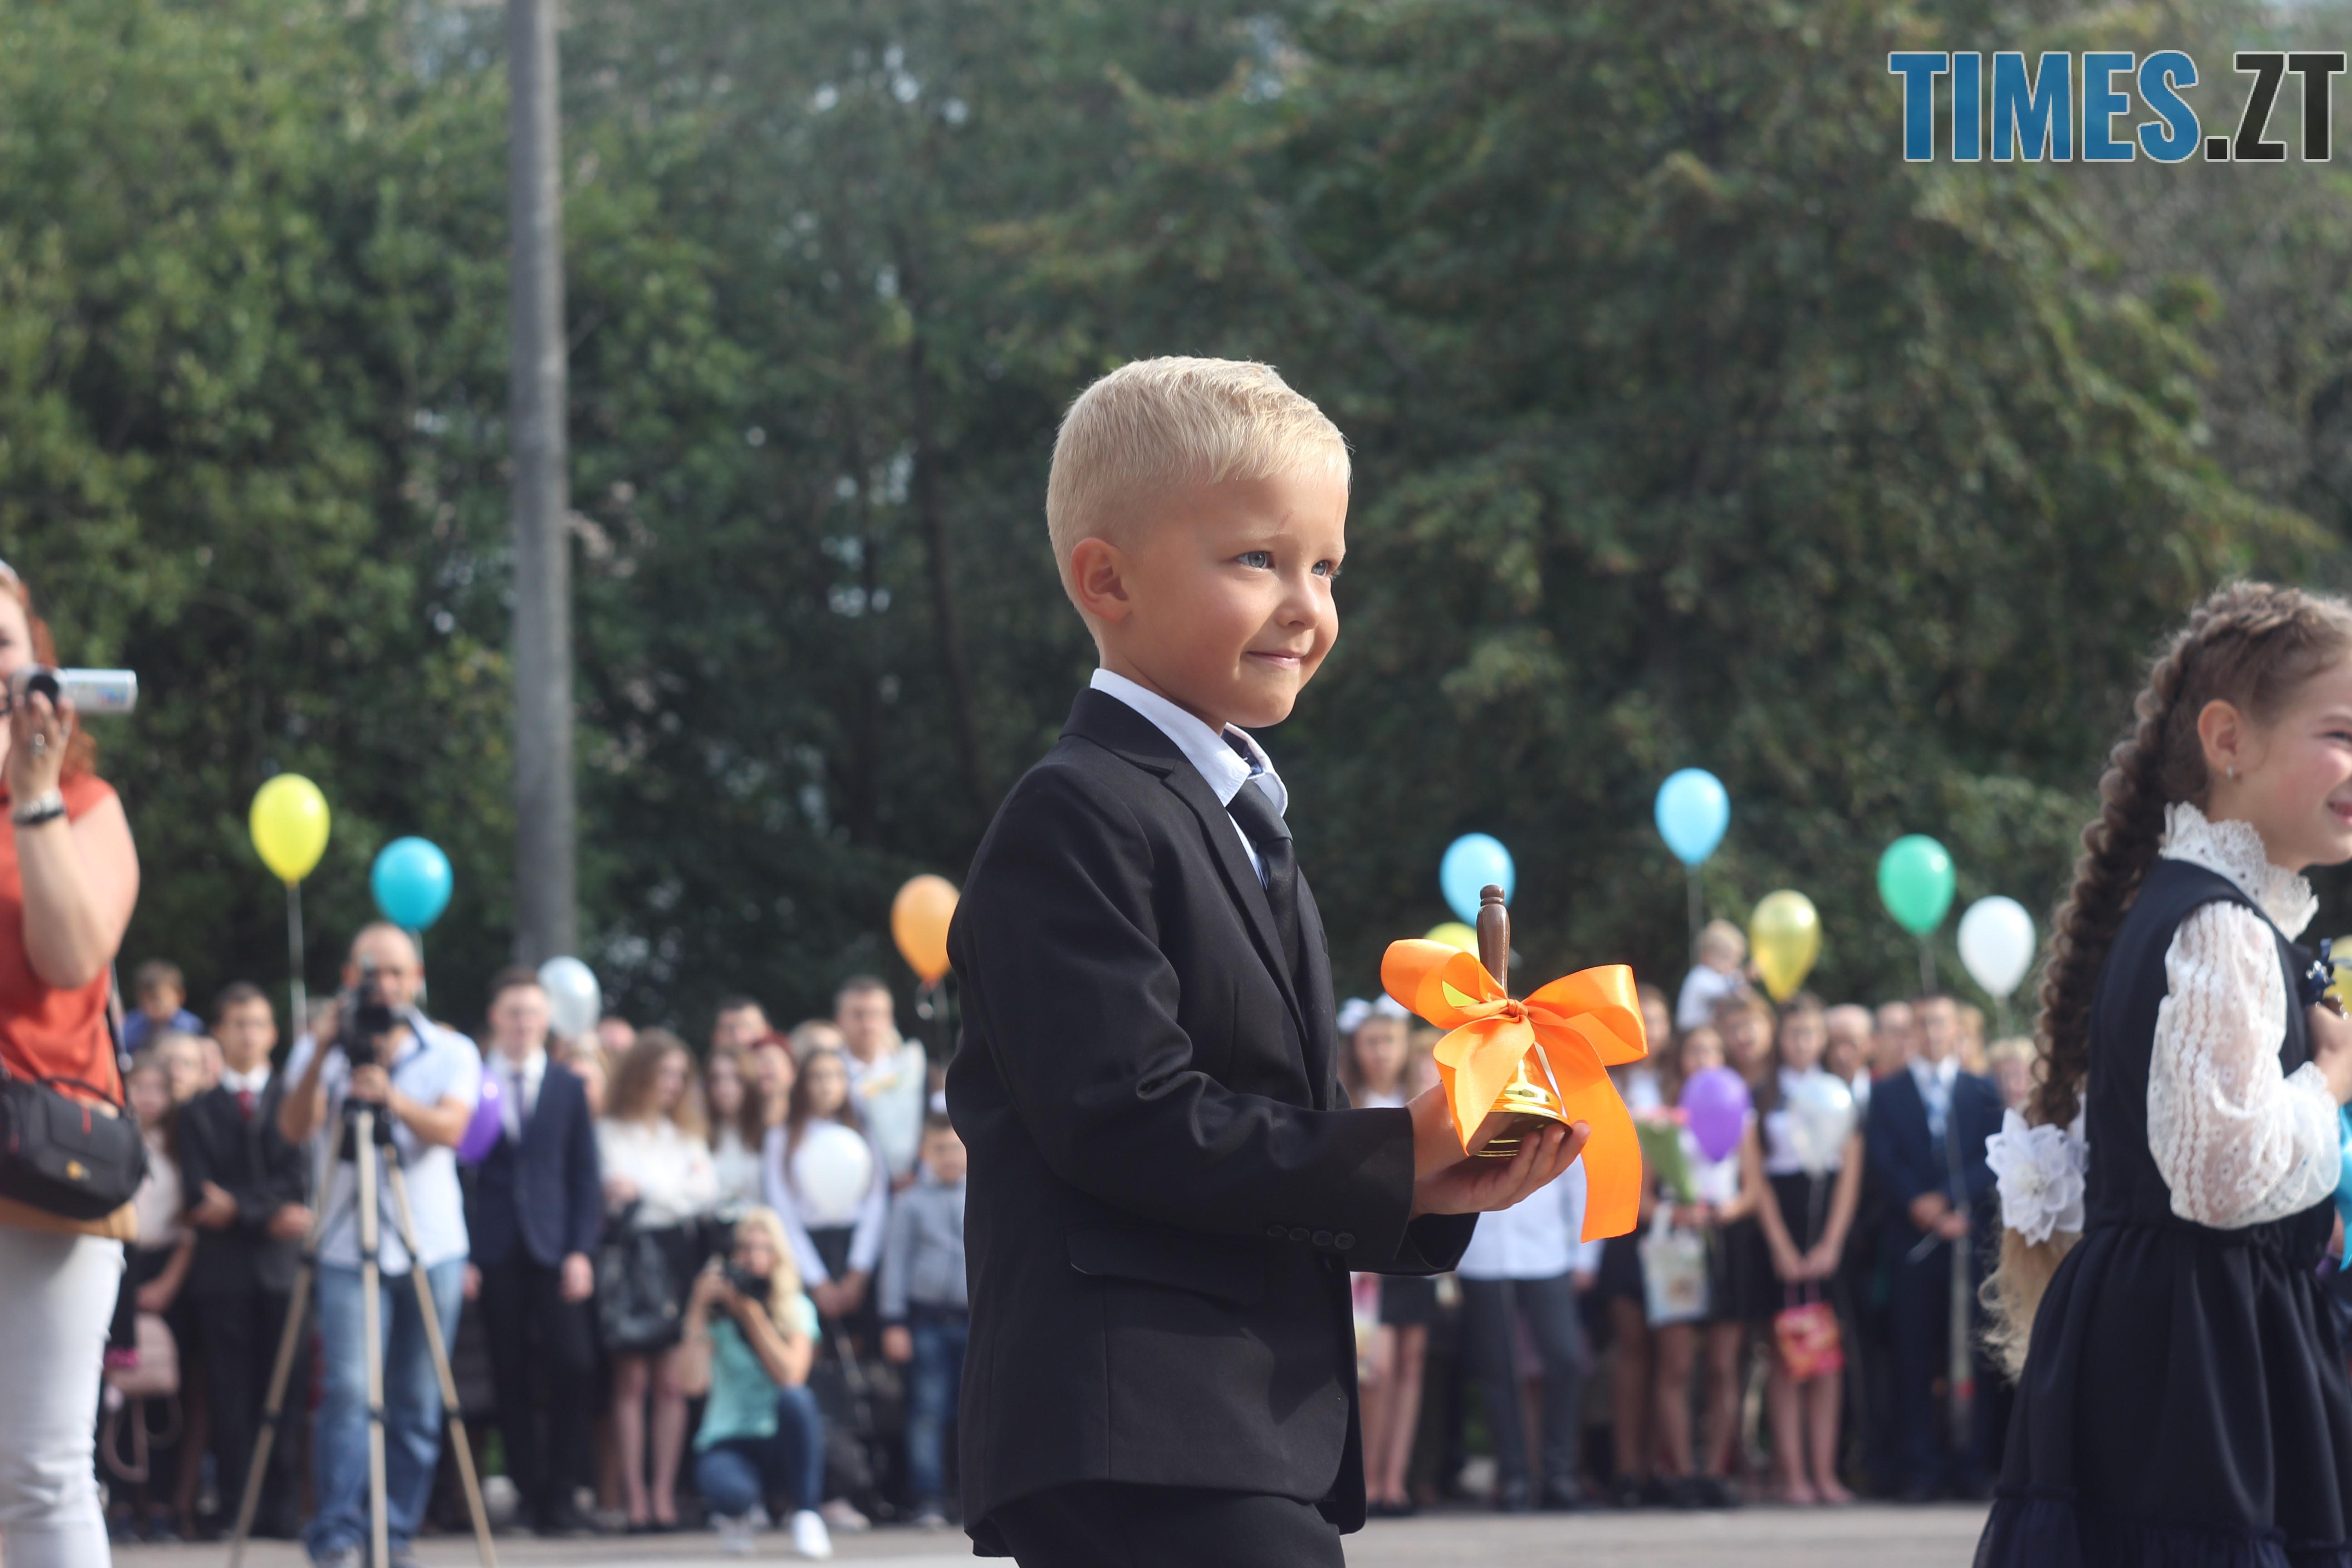 IMG 8785 - Майже 4 тисячі житомирських першокласників навчатимуться за системою Нової української школи (ФОТОРЕПОРТАЖ)